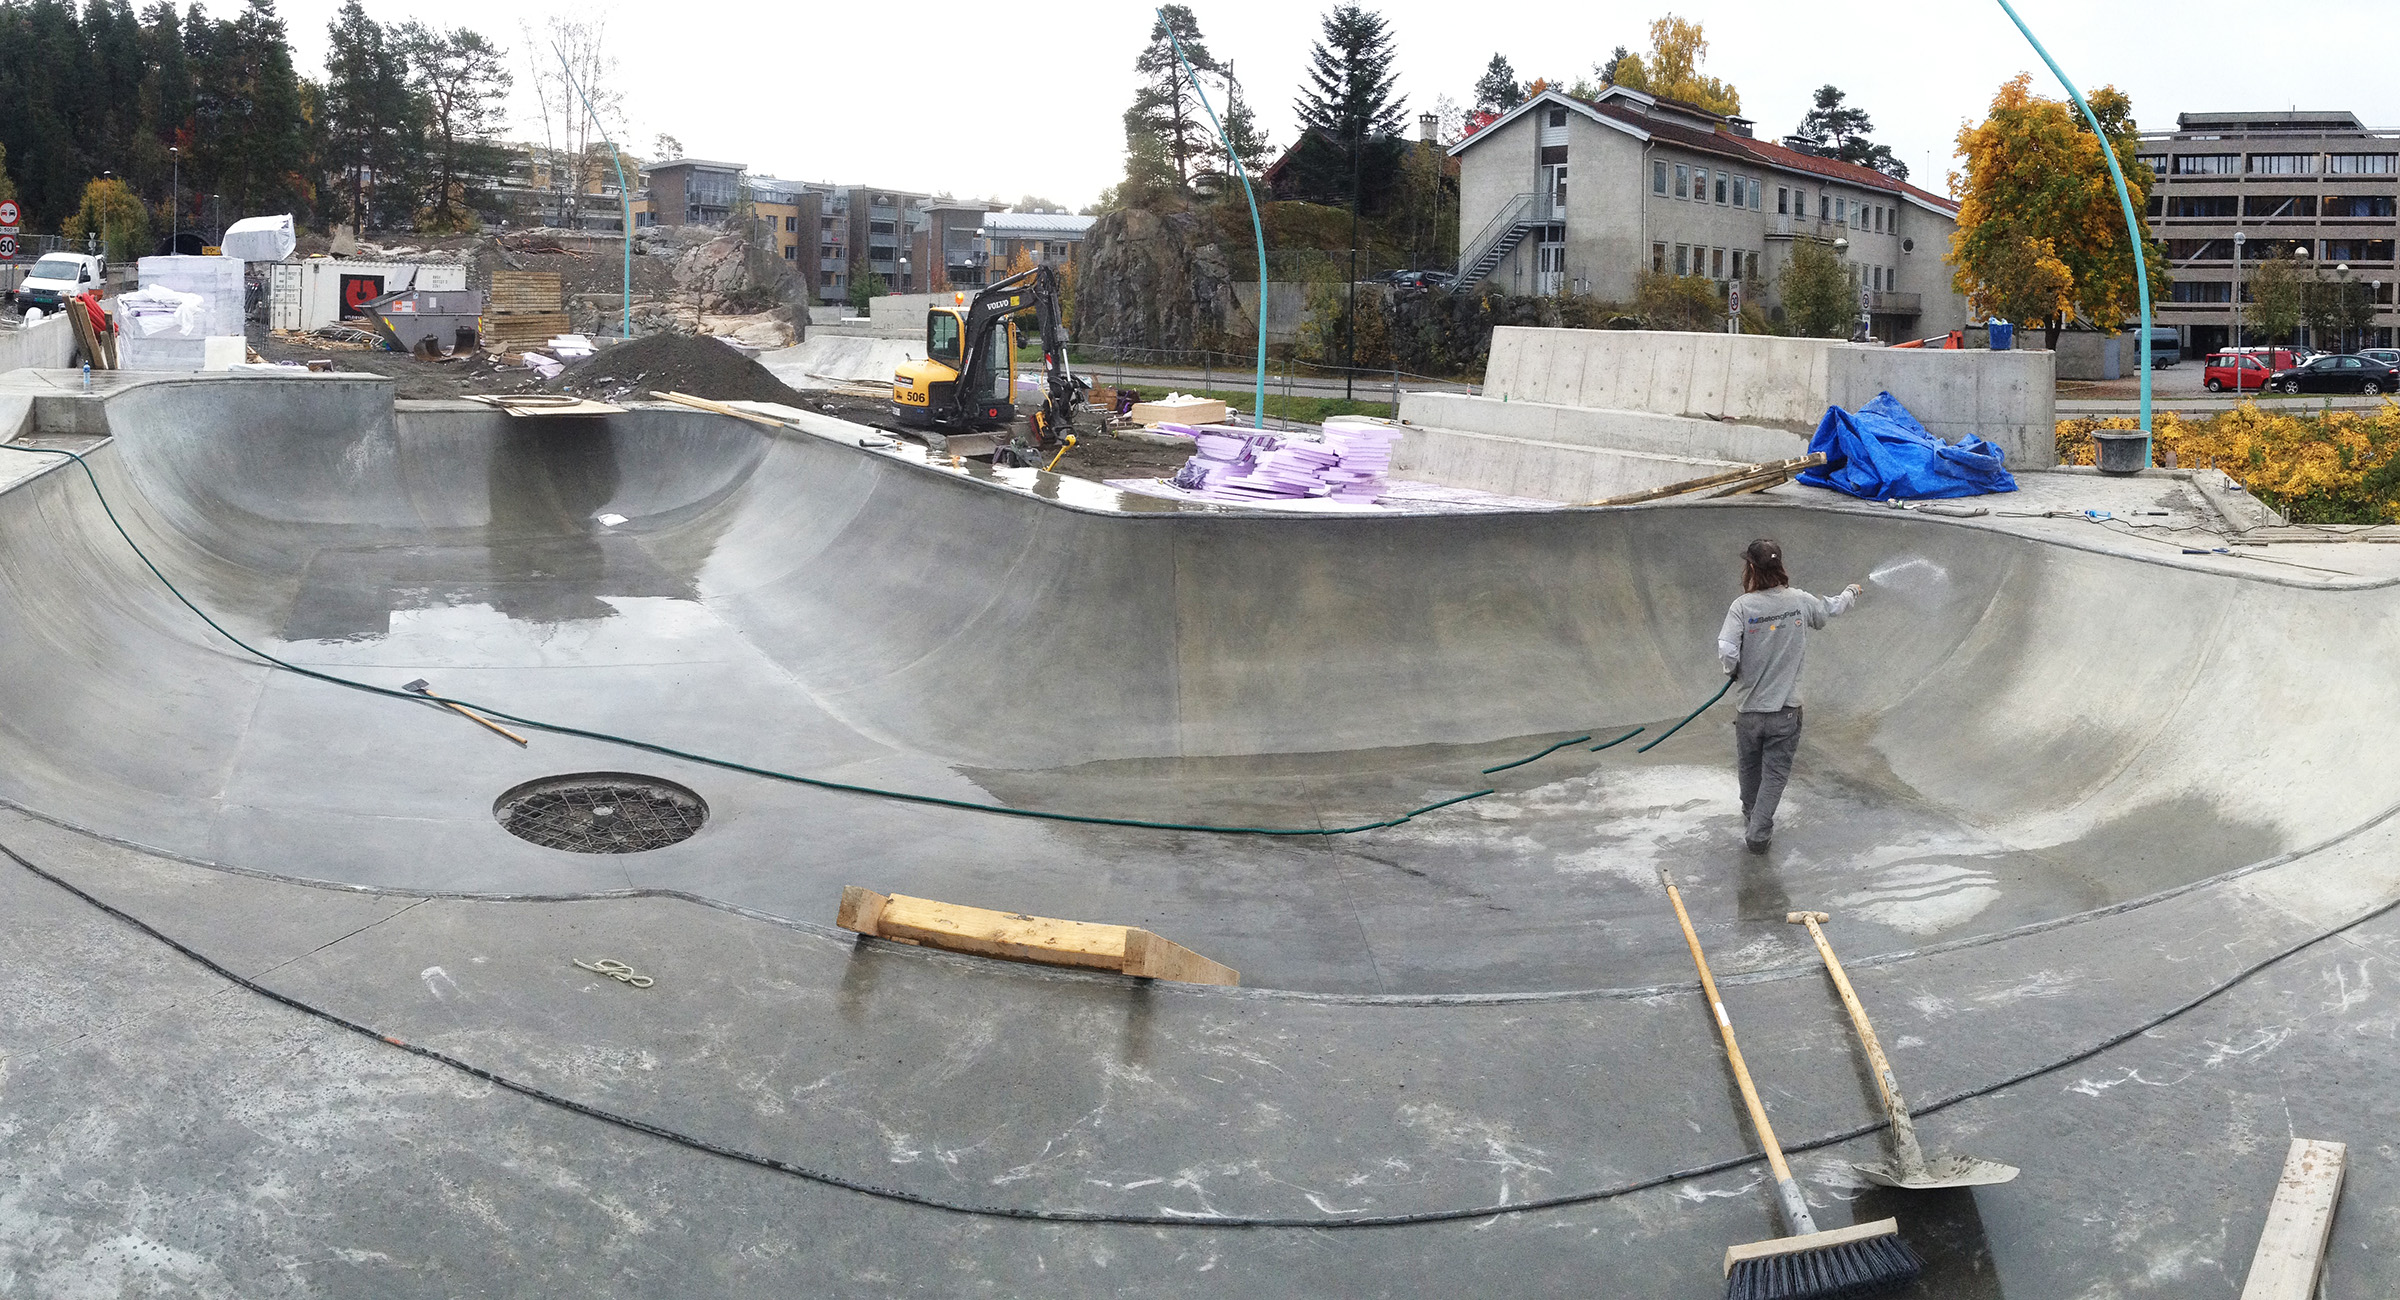 En medarbejder vasker en færdig betonrampe af